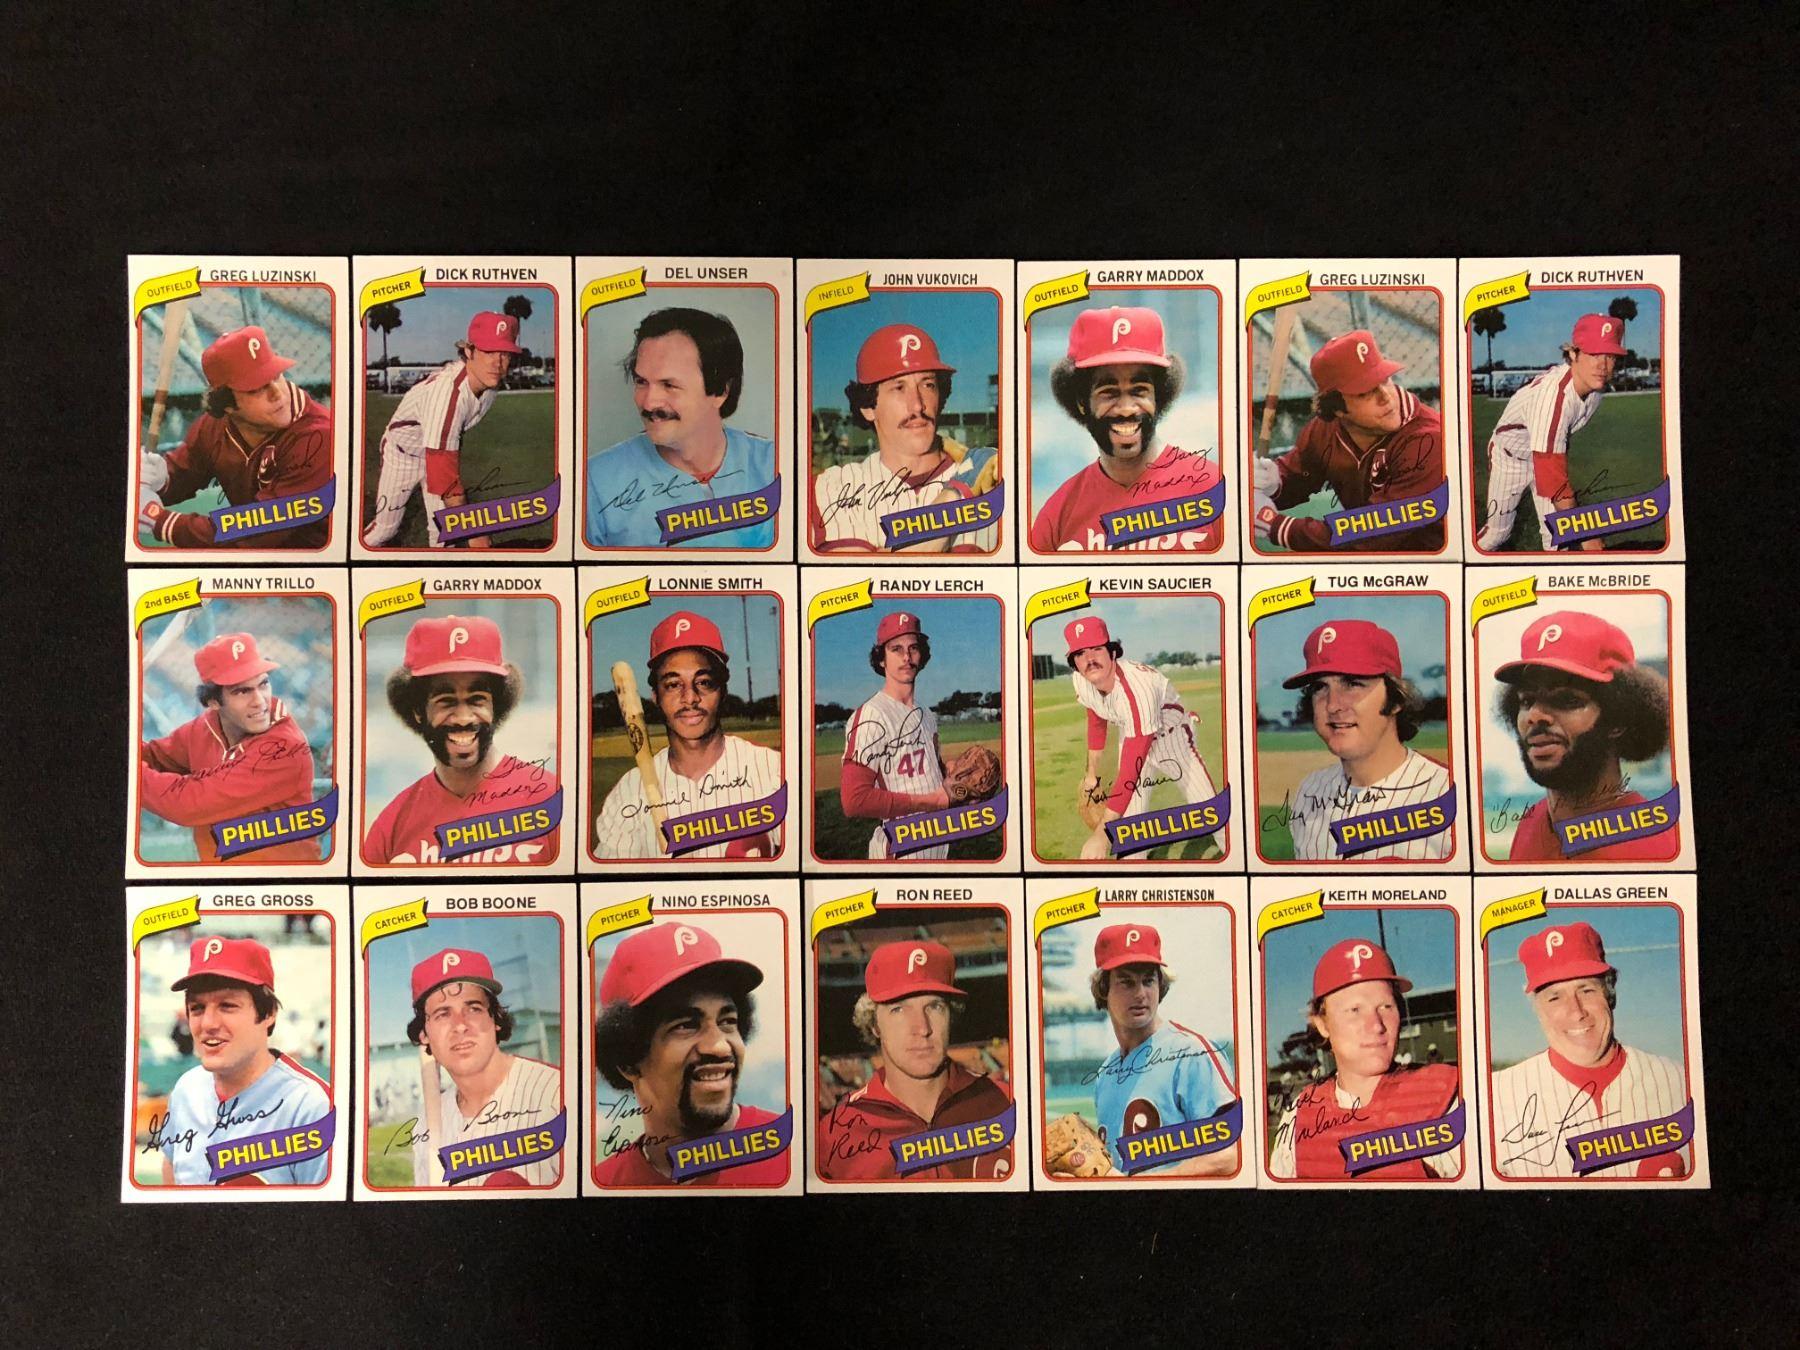 1980 Topps Burger King Philadelphia Phillies Baseball Team Card Lot